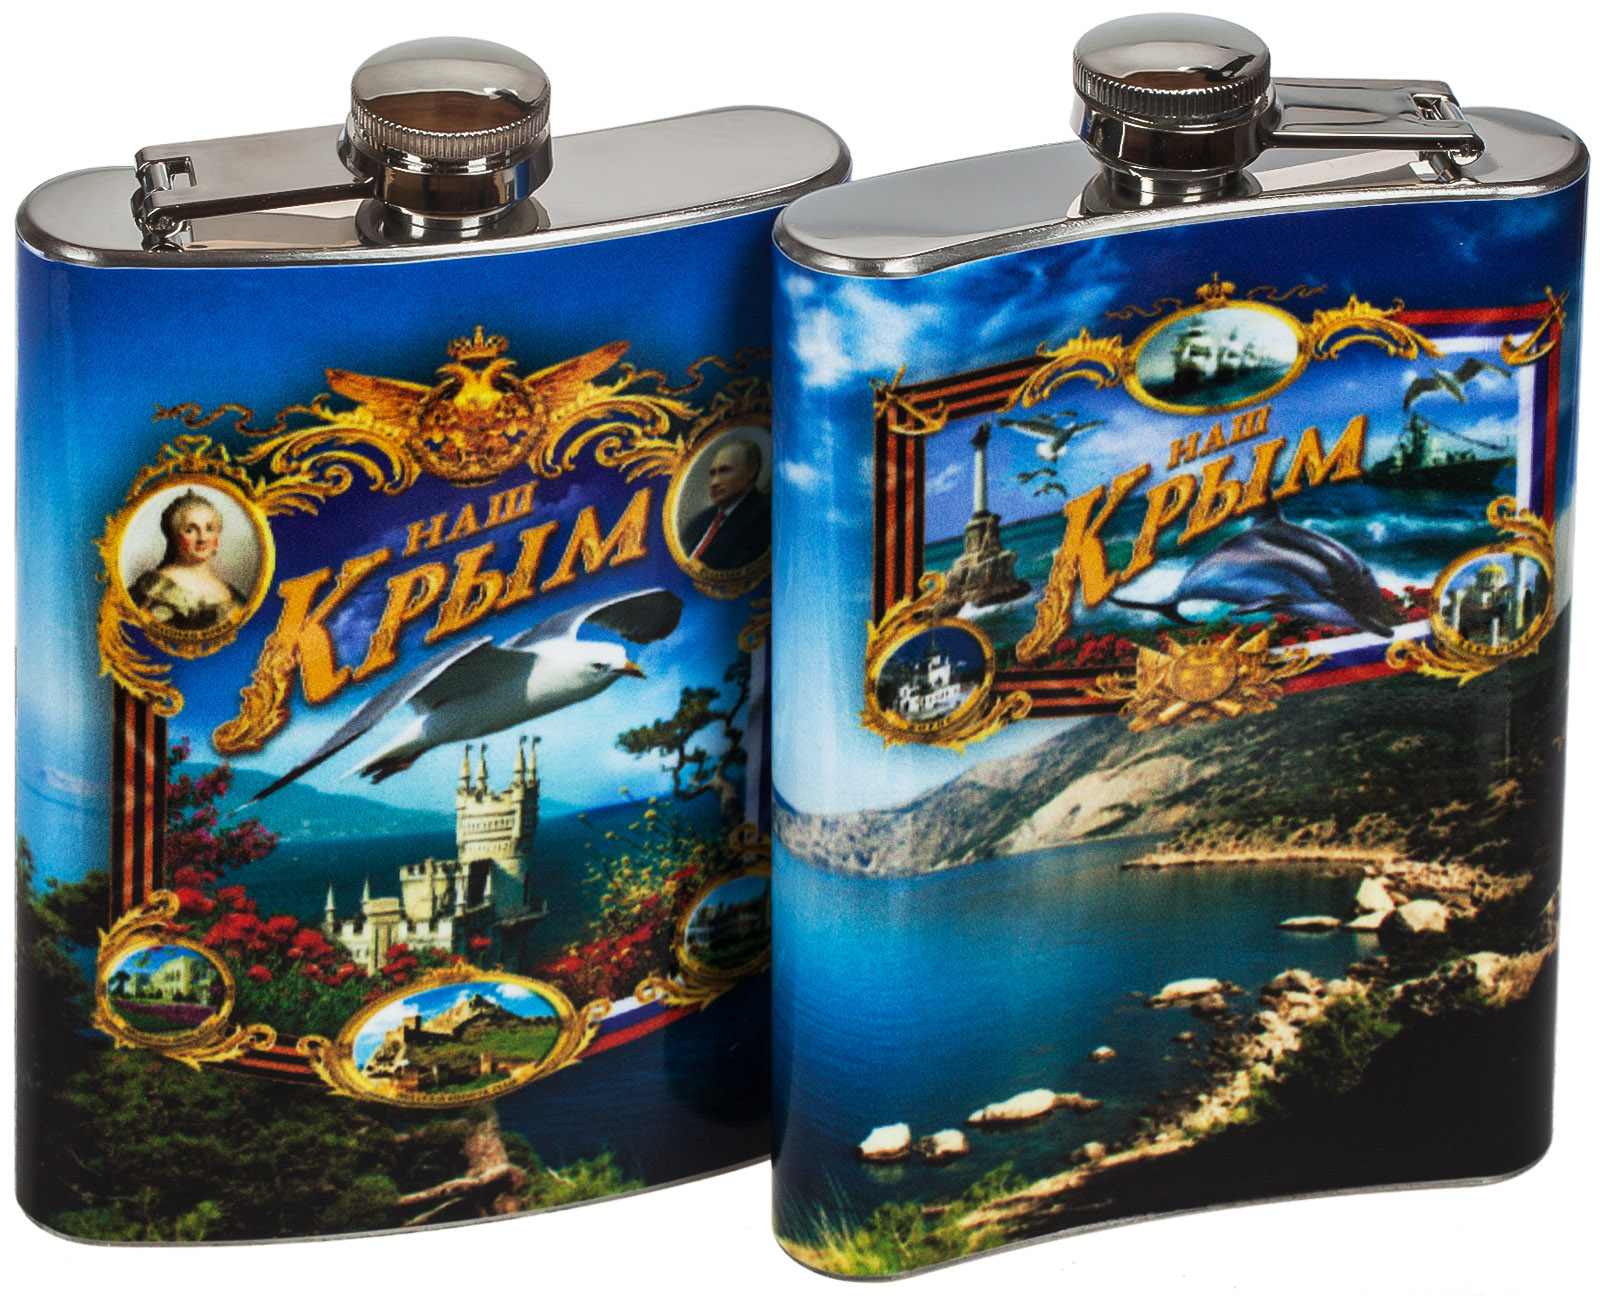 """Купить флягу """"Крым наш"""" с доставкой и самовывозом"""